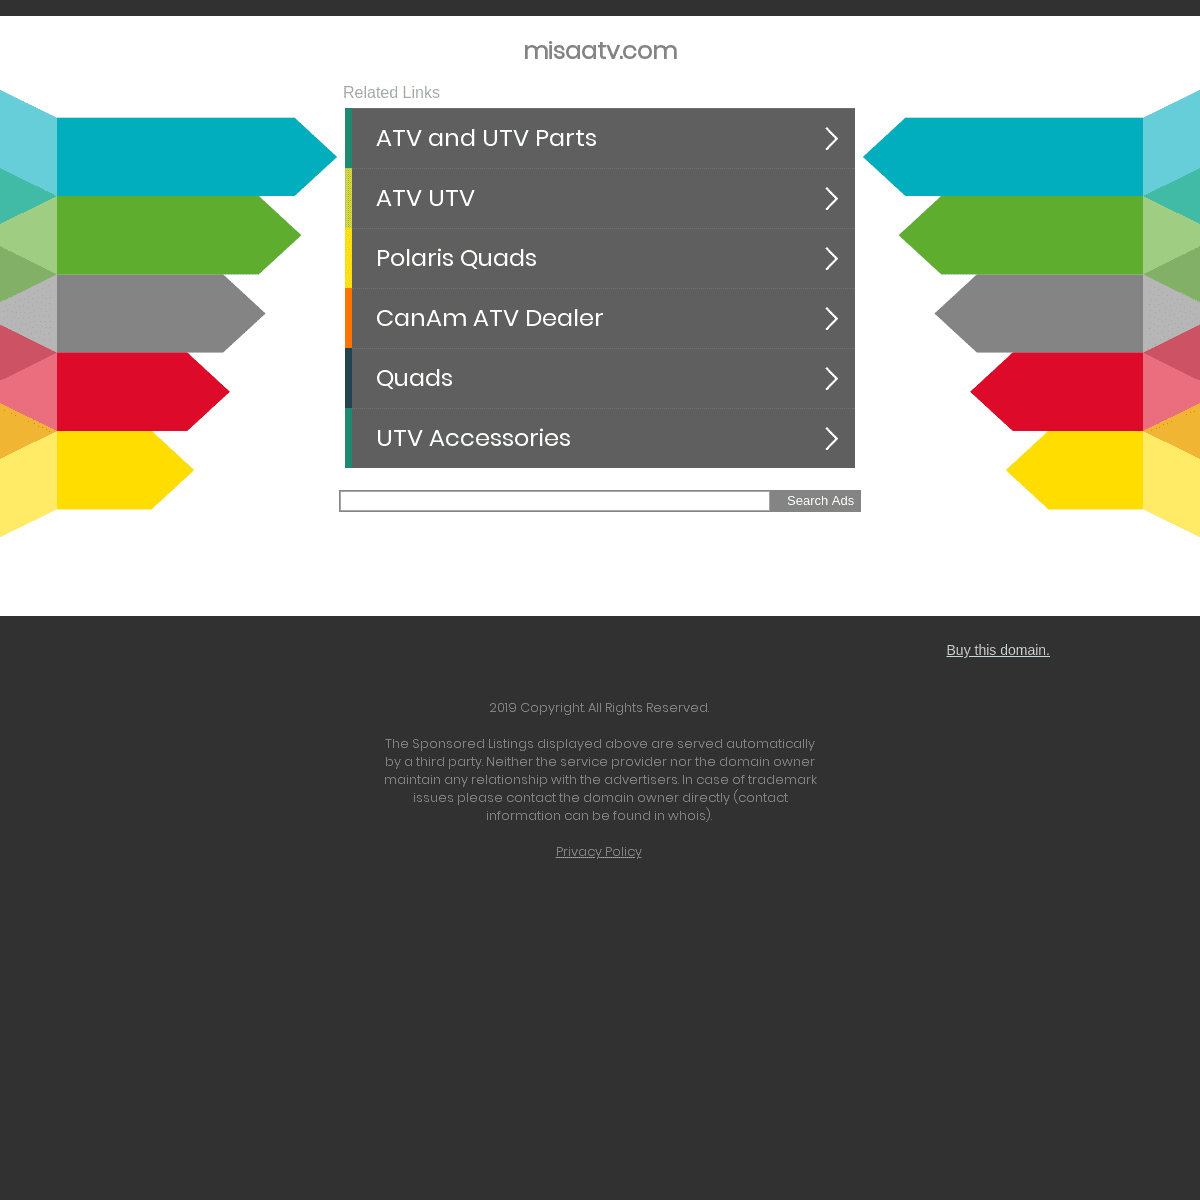 misaatv.com